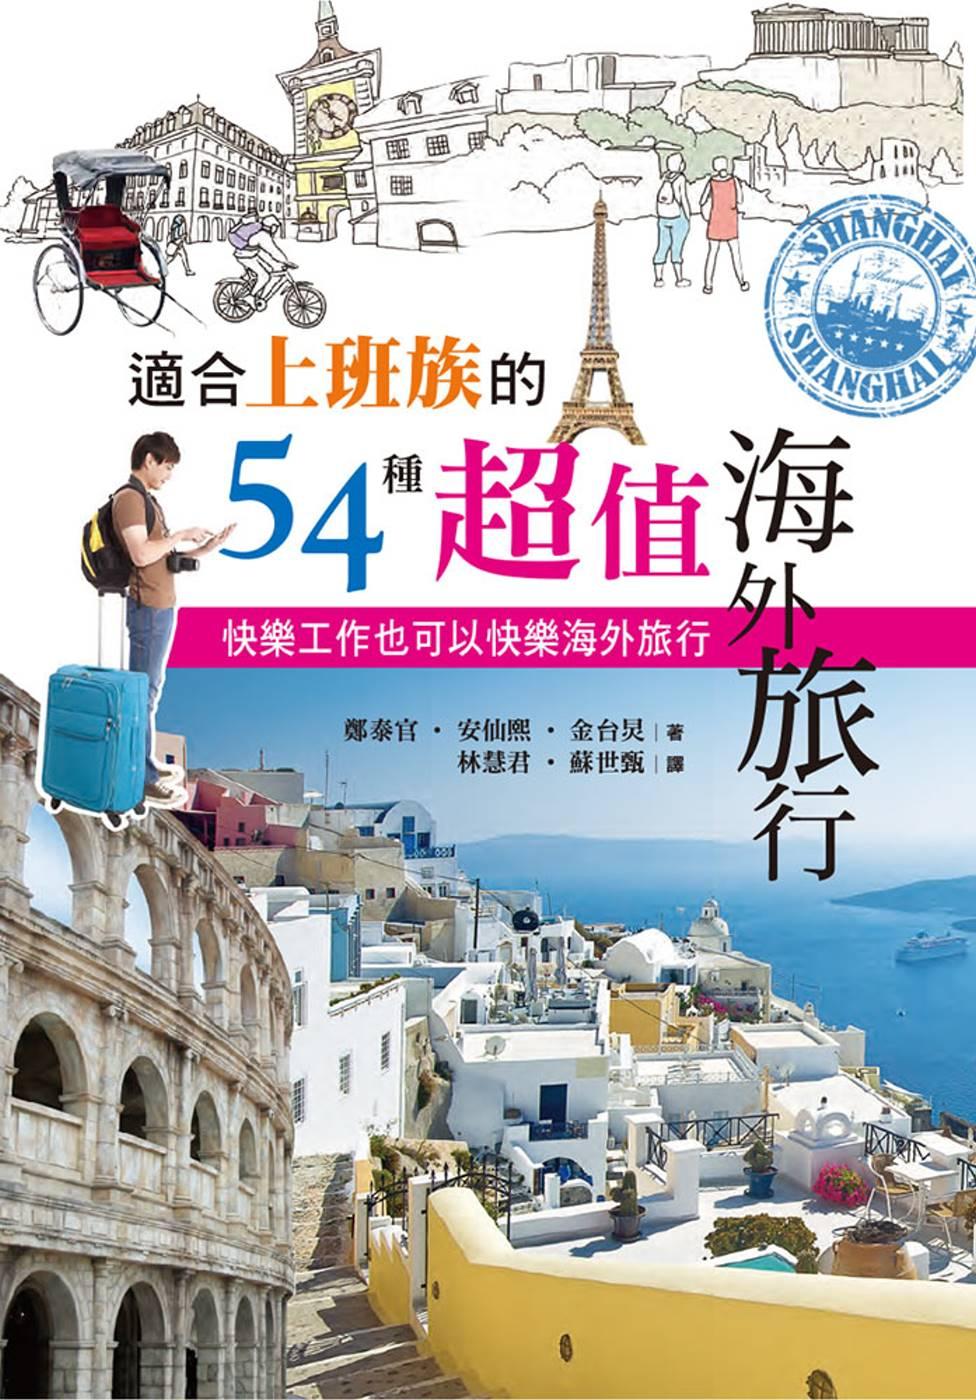 適合上班族的54種超值海外旅行